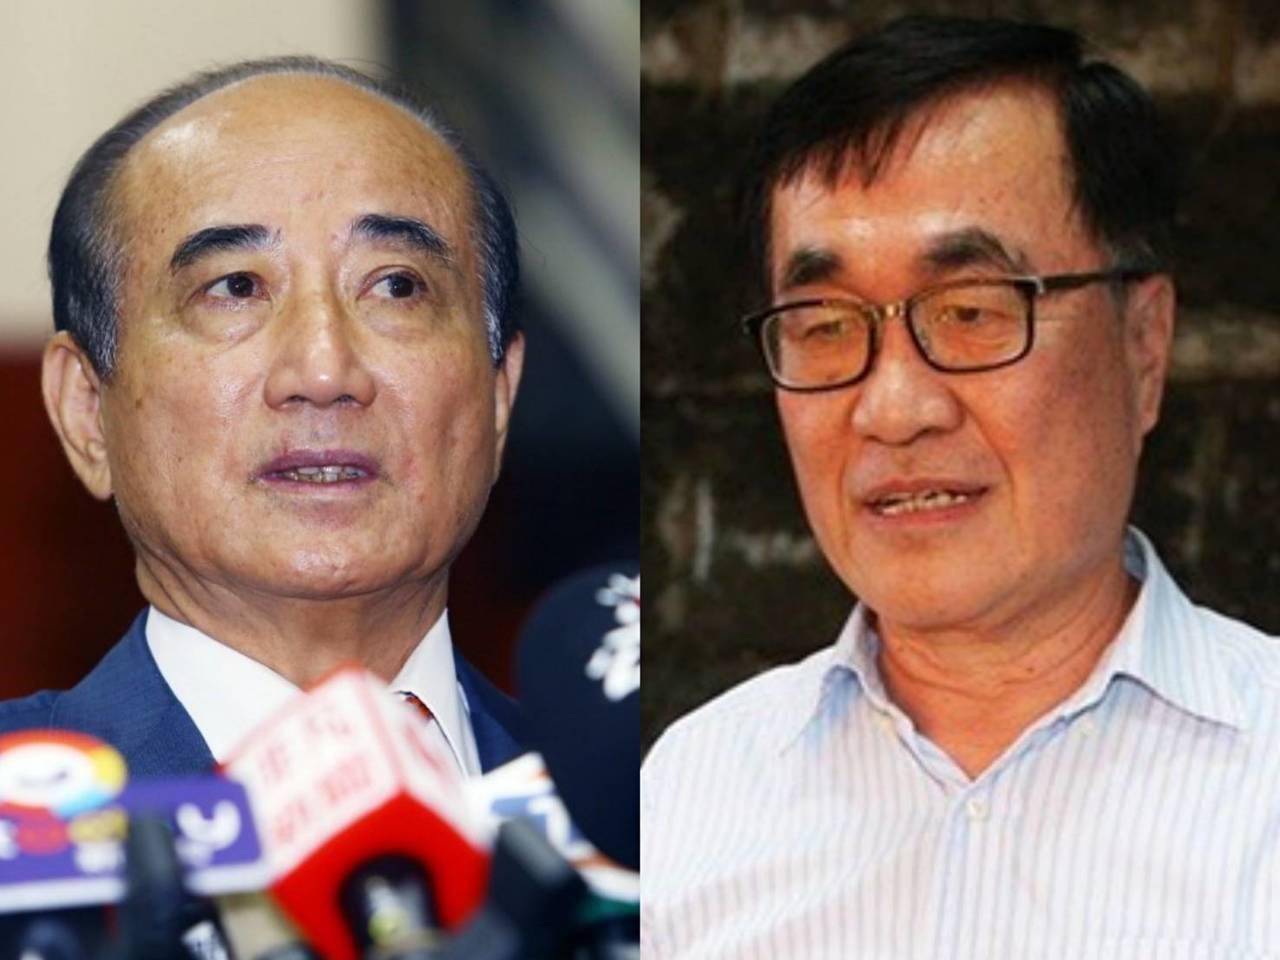 高雄市副市長李四川(右)與國民黨立委王金平會面。 圖/聯合報系資料照片合成